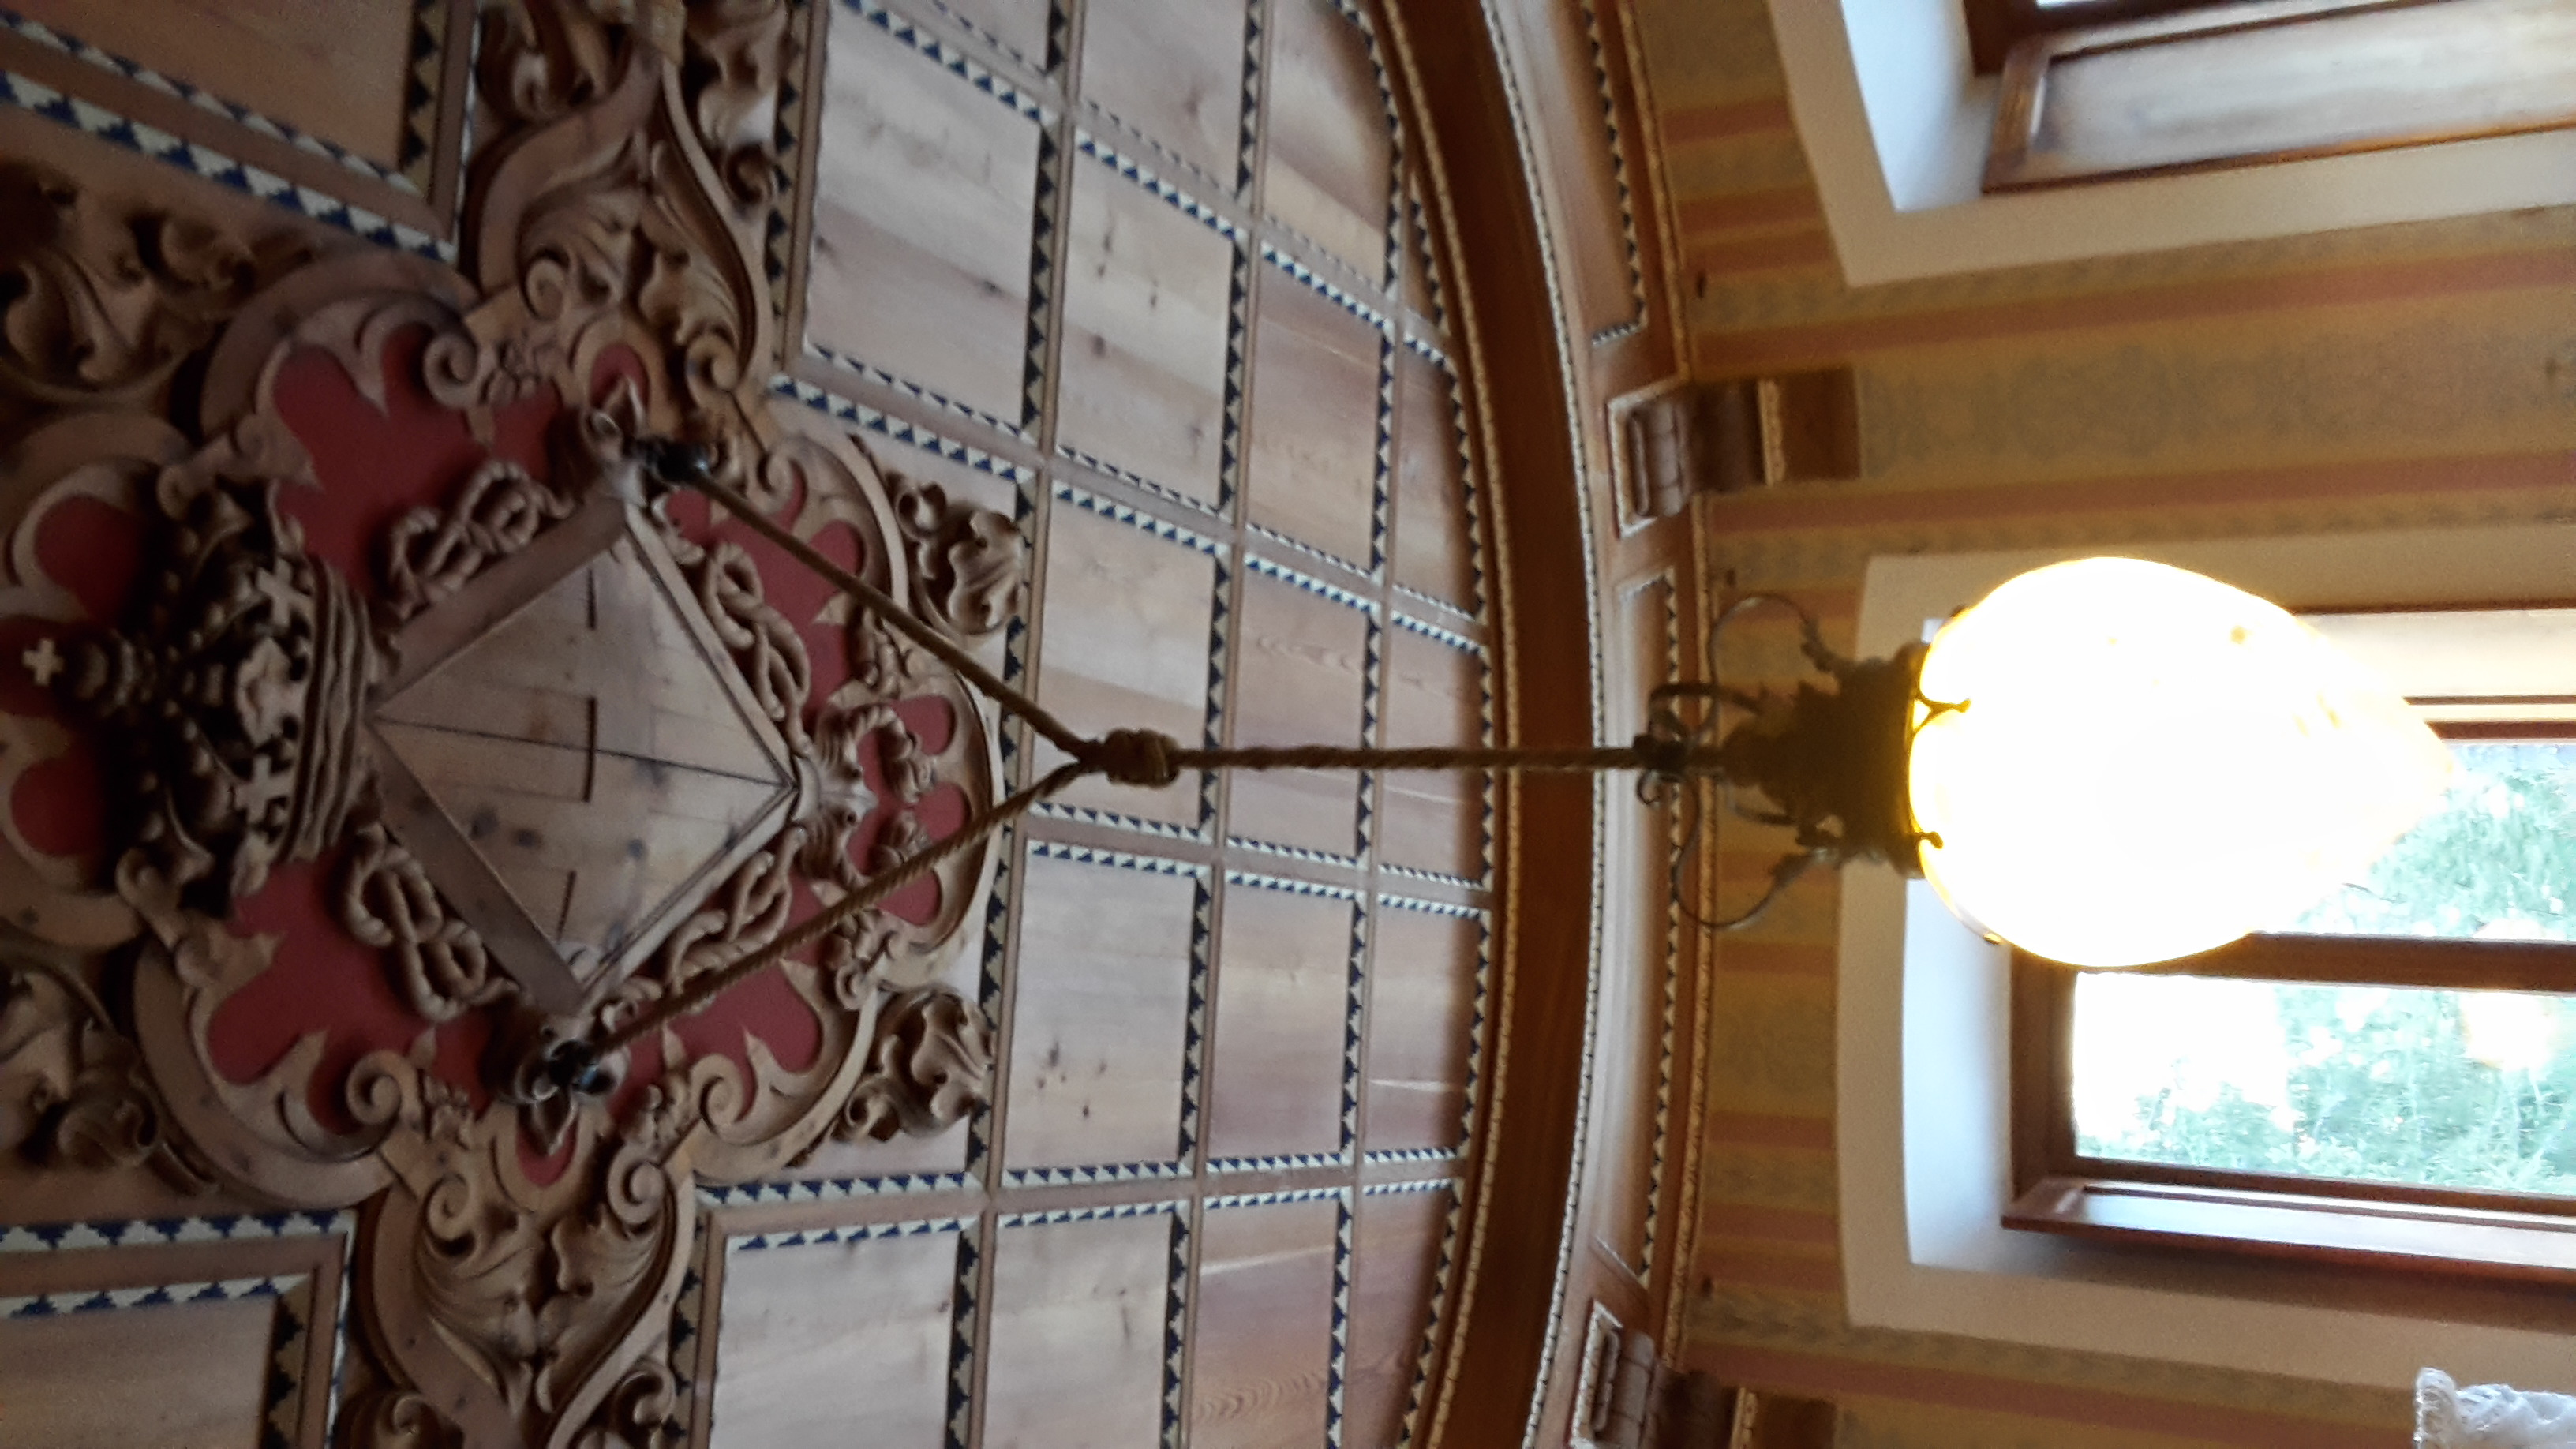 File soffitto camera da letto della regina margherita - Descrizione della camera da letto ...